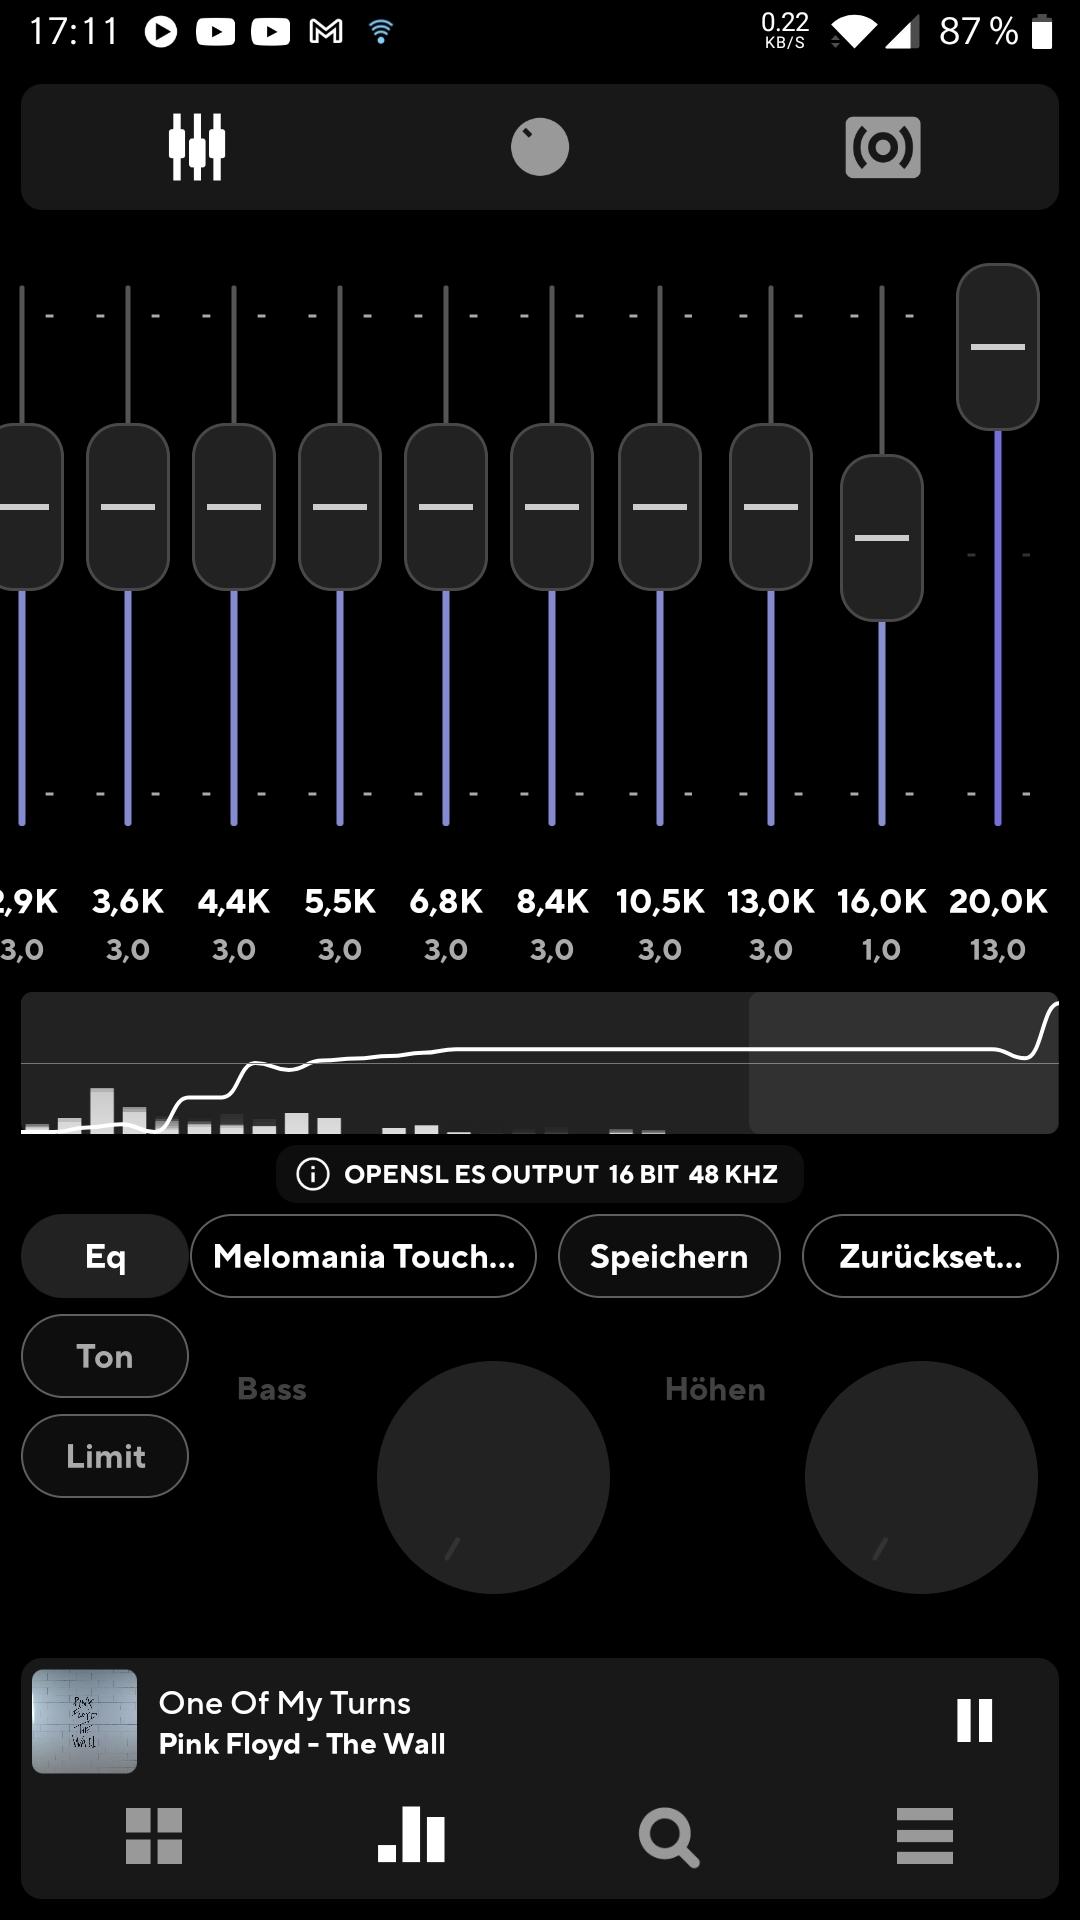 Screenshot-20210207-171121.jpg